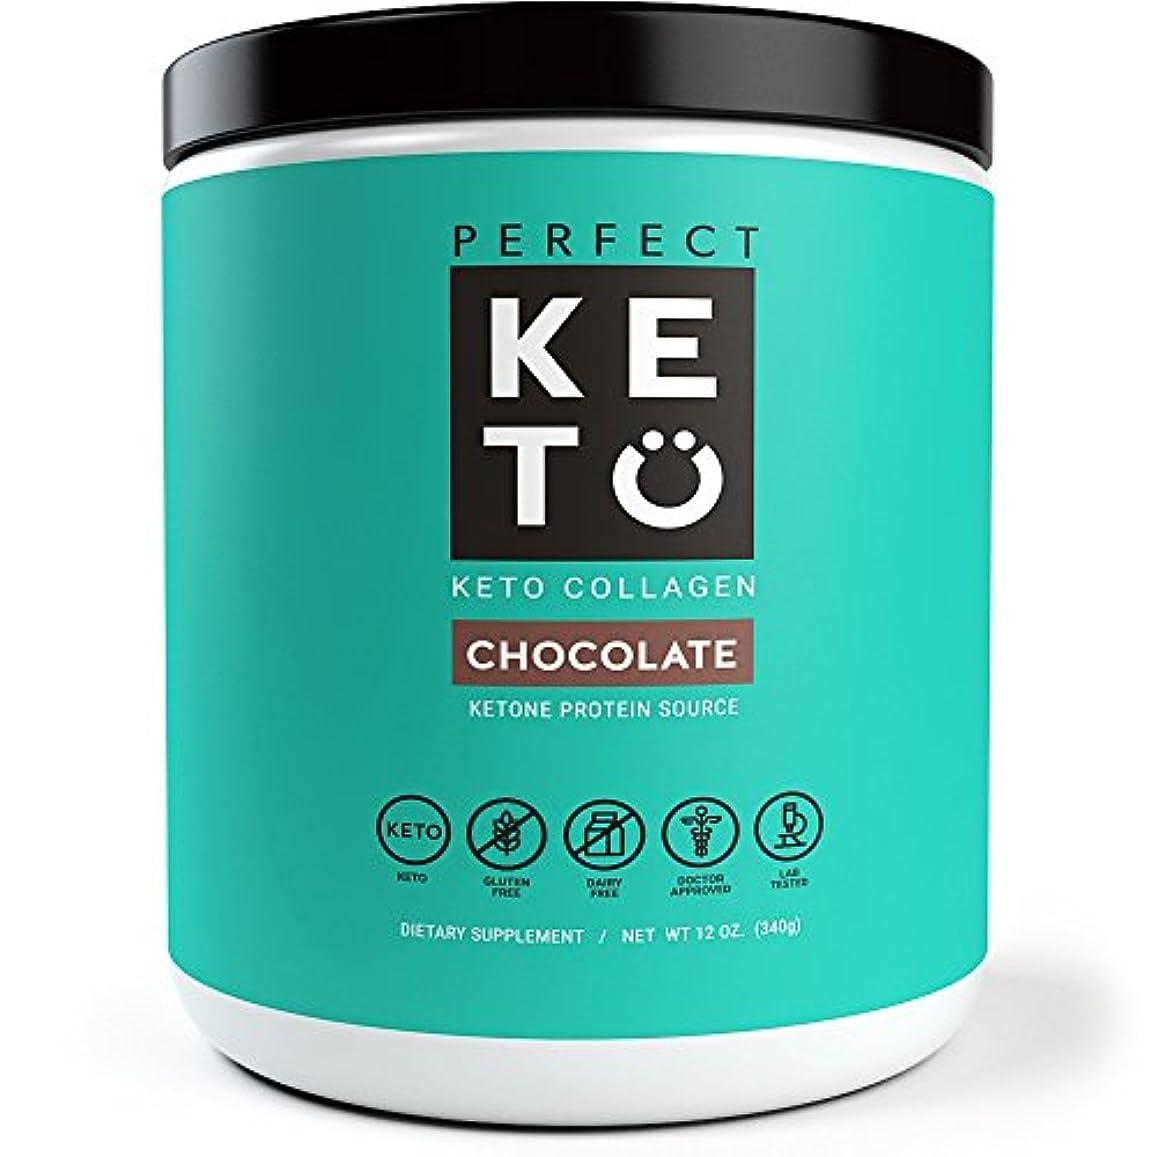 第三そばに浸透するケト低糖質プロテインコラーゲンパウダー チョコレート味 340g by Perfect KETO [海外直送品]